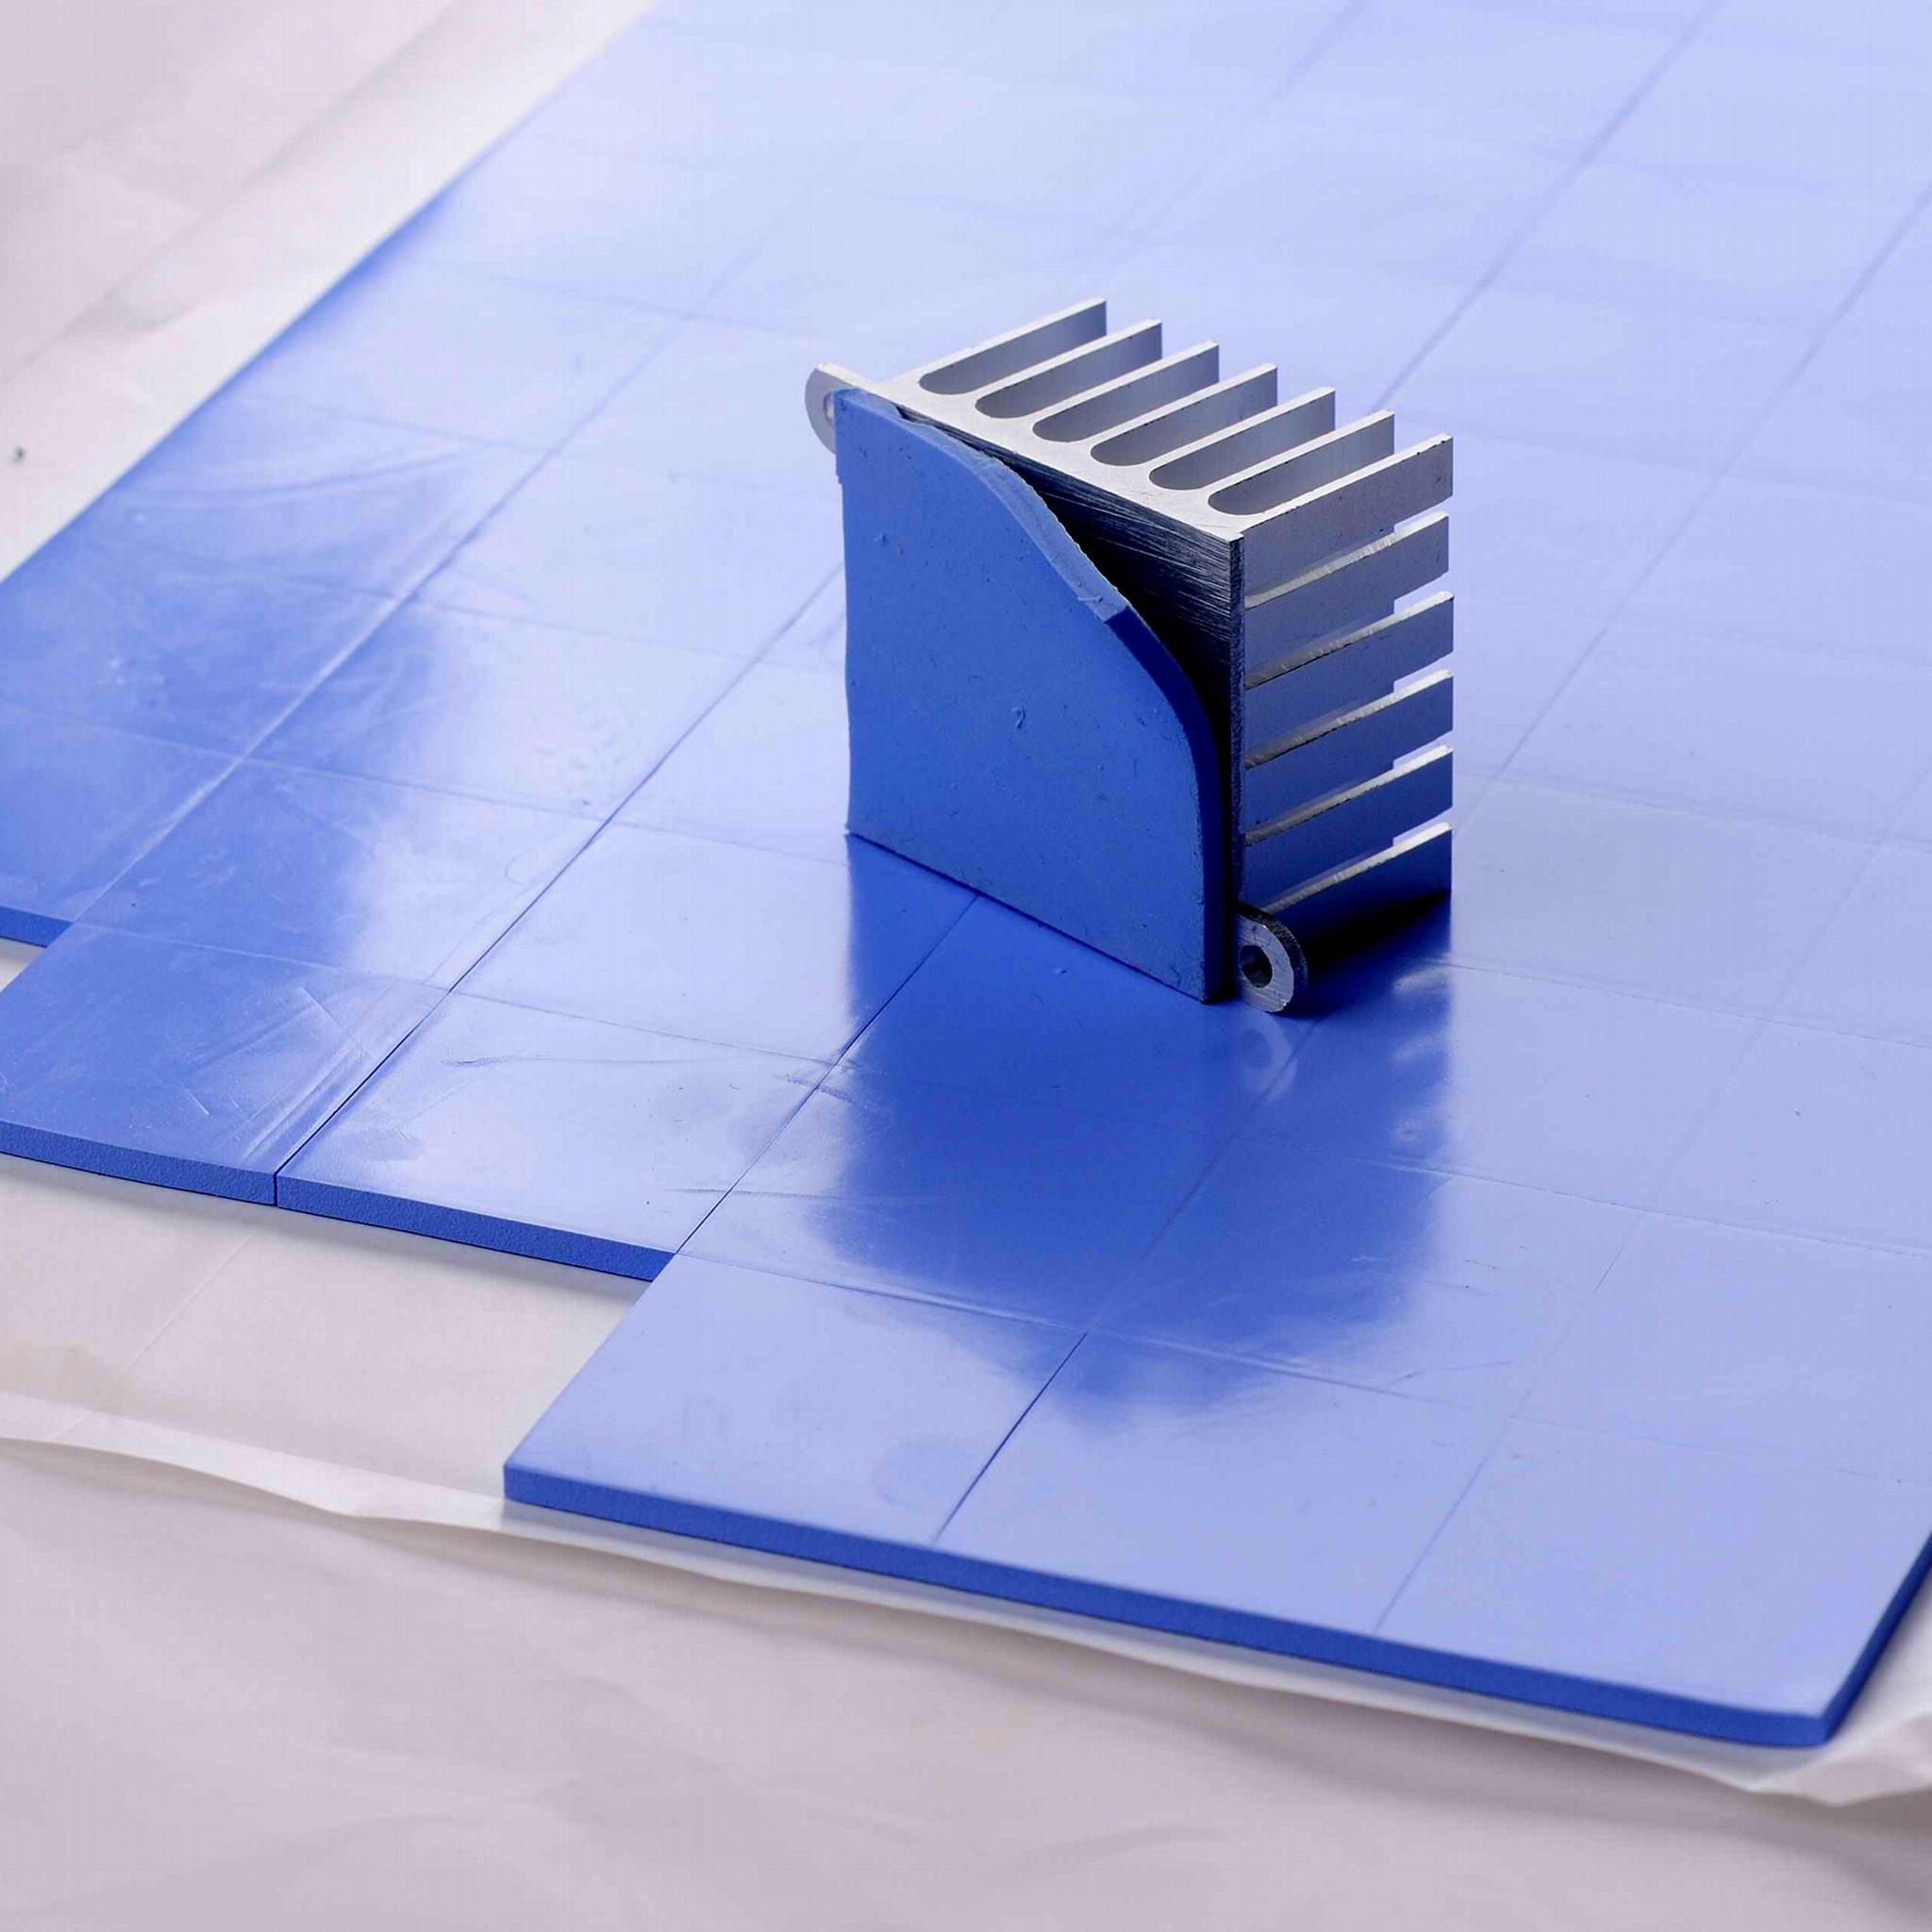 現貨供應高導熱硅膠片  LED硅膠絕緣片 硅脂絕緣墊 1